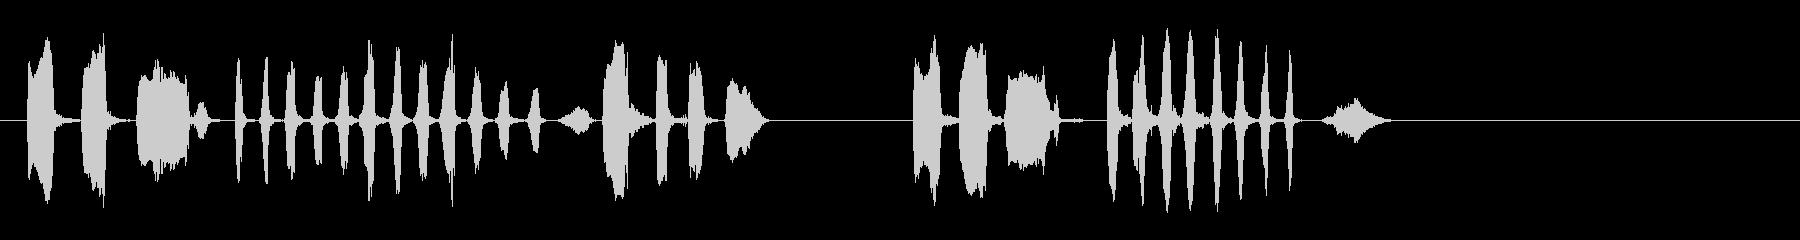 ファニー・マン・ラフス、「ホー・ホ...の未再生の波形